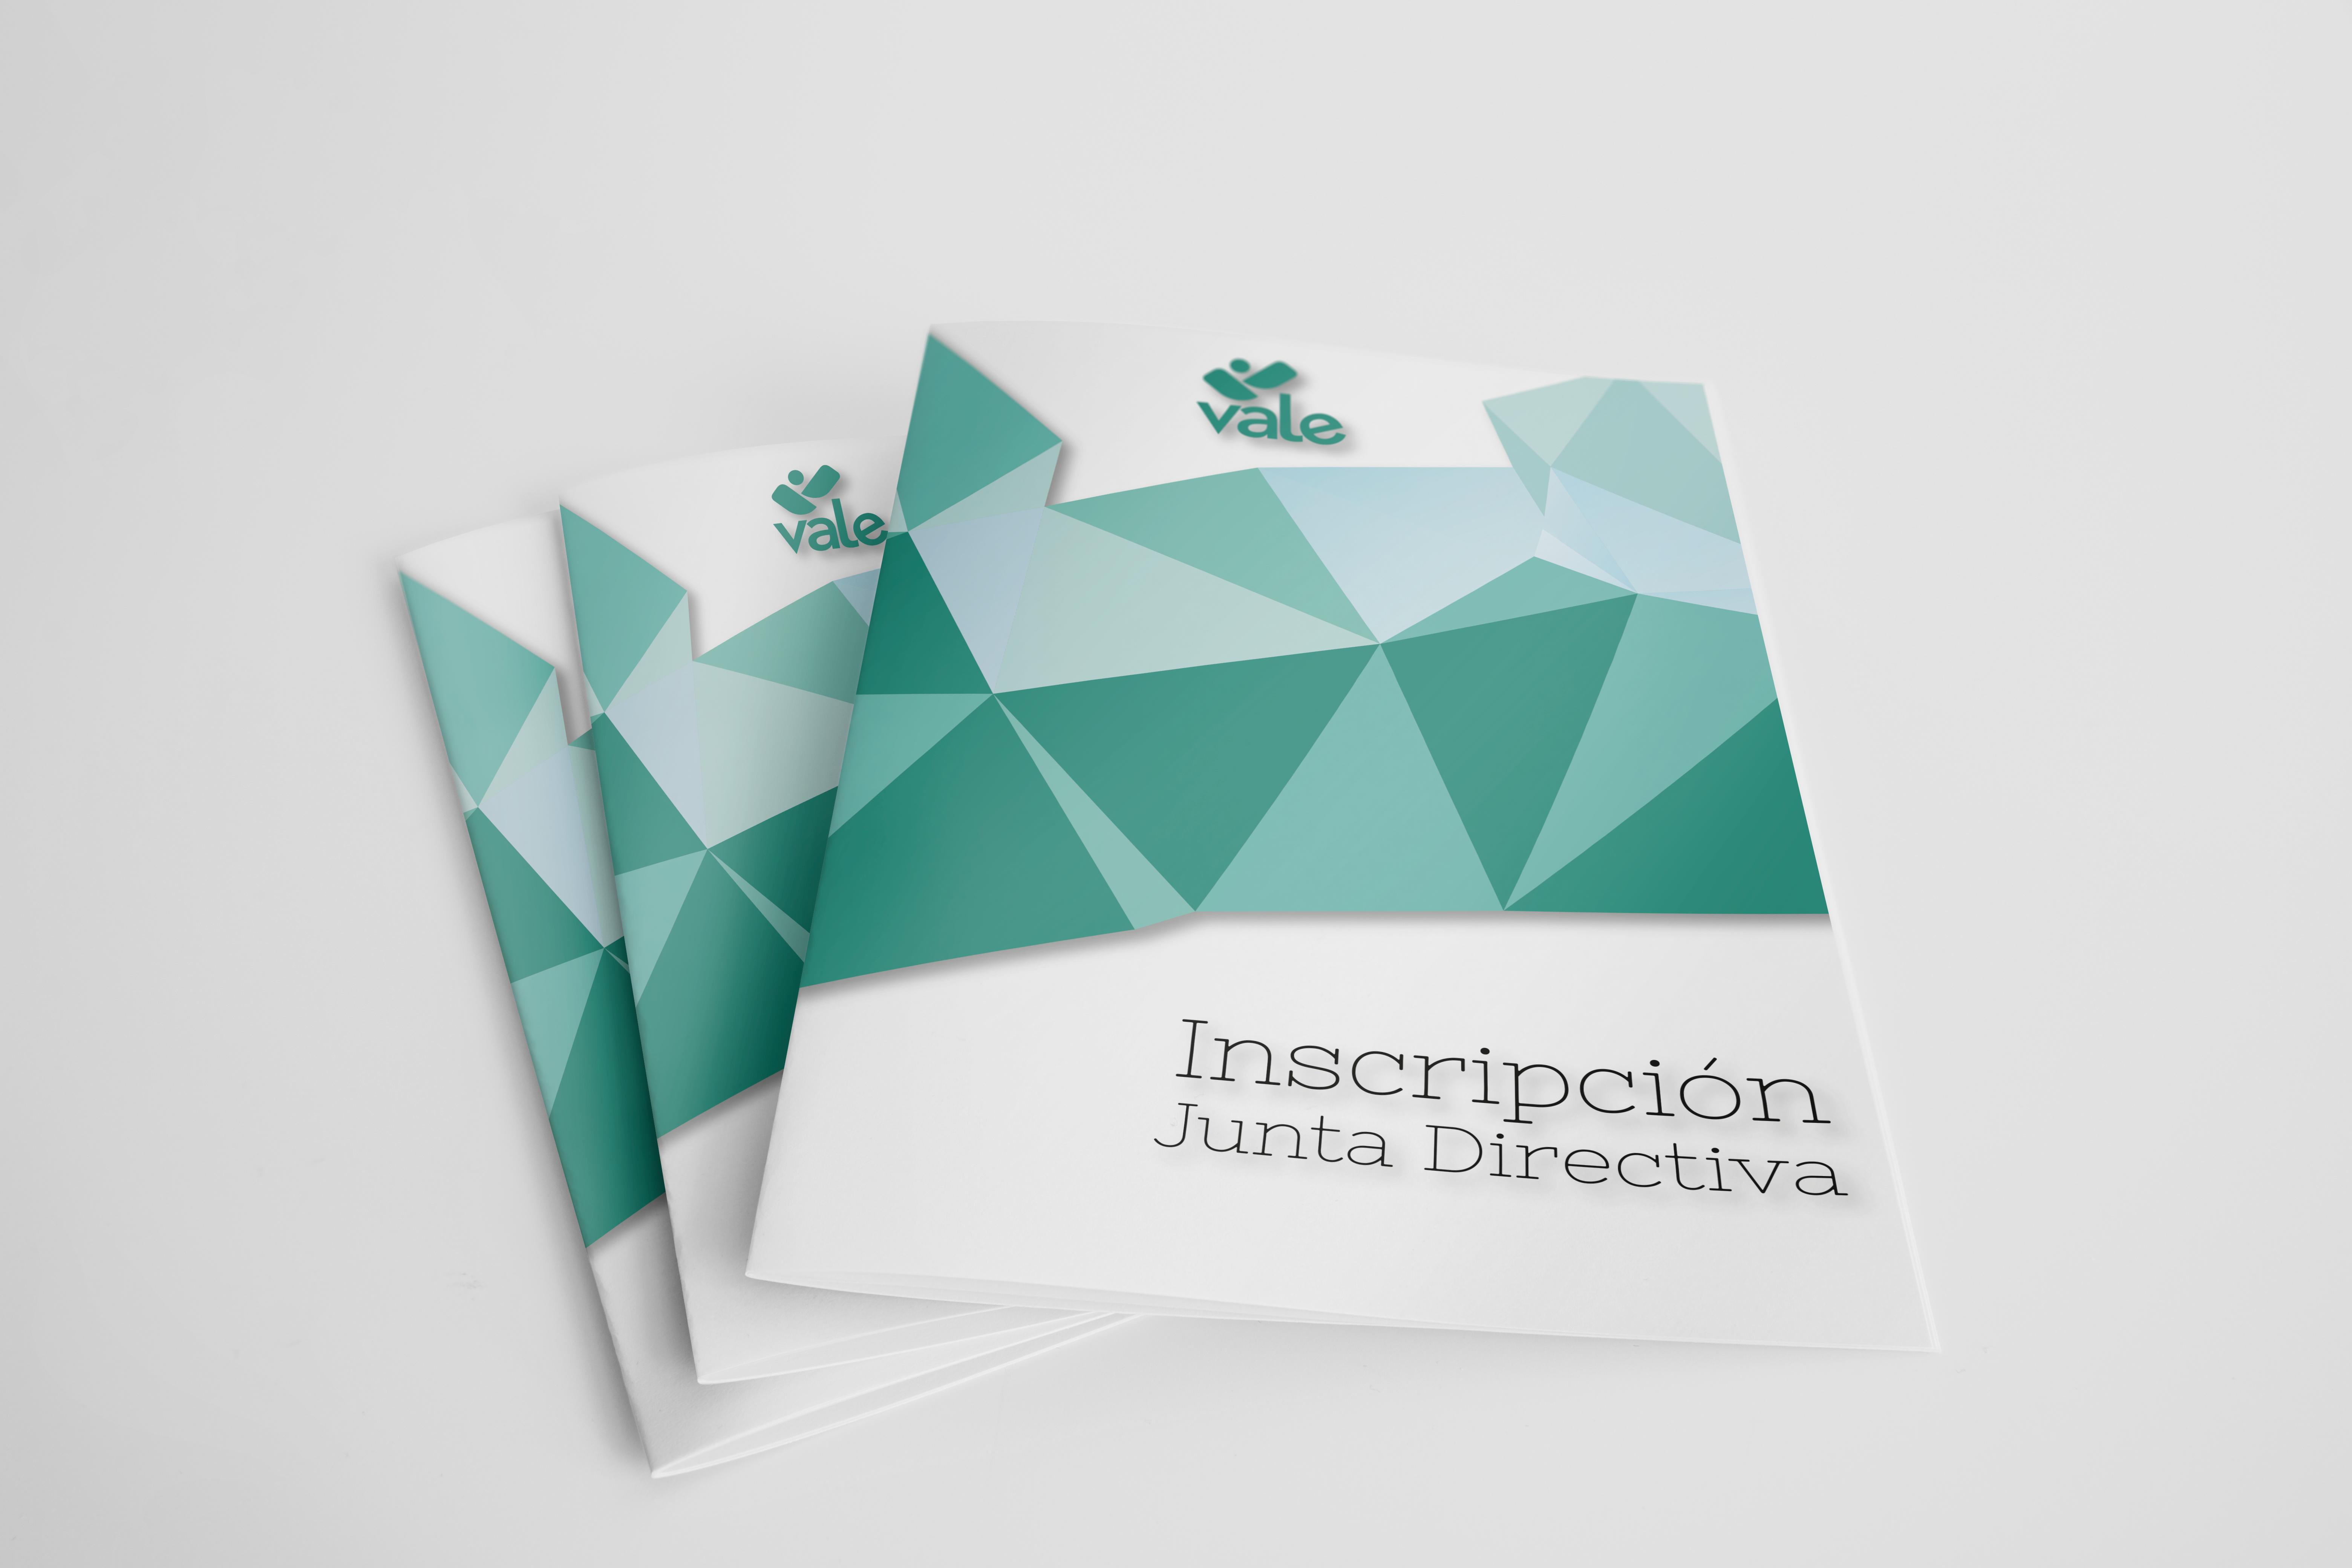 Inscripción Junta Directiva